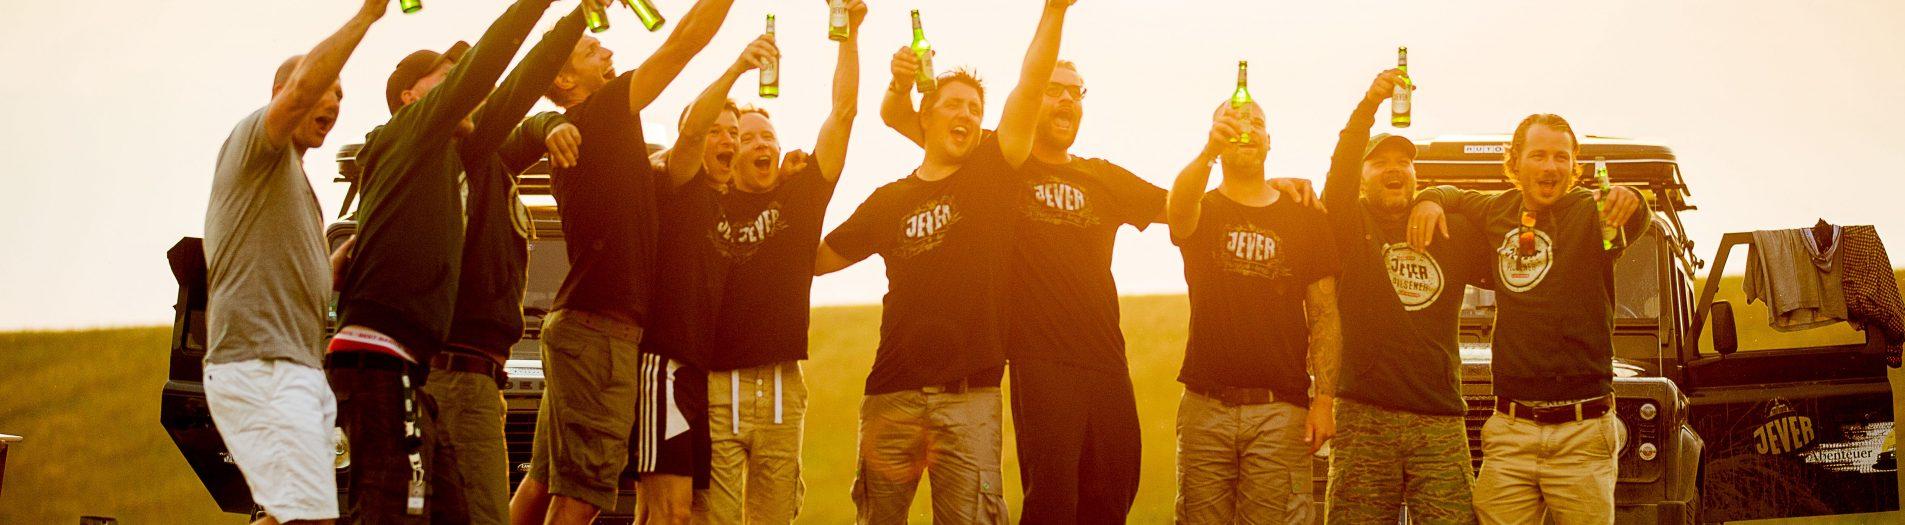 JEVER Abenteuer Tour 2015, Tuemlauer Koog, 04.07.2015, Tag 04,